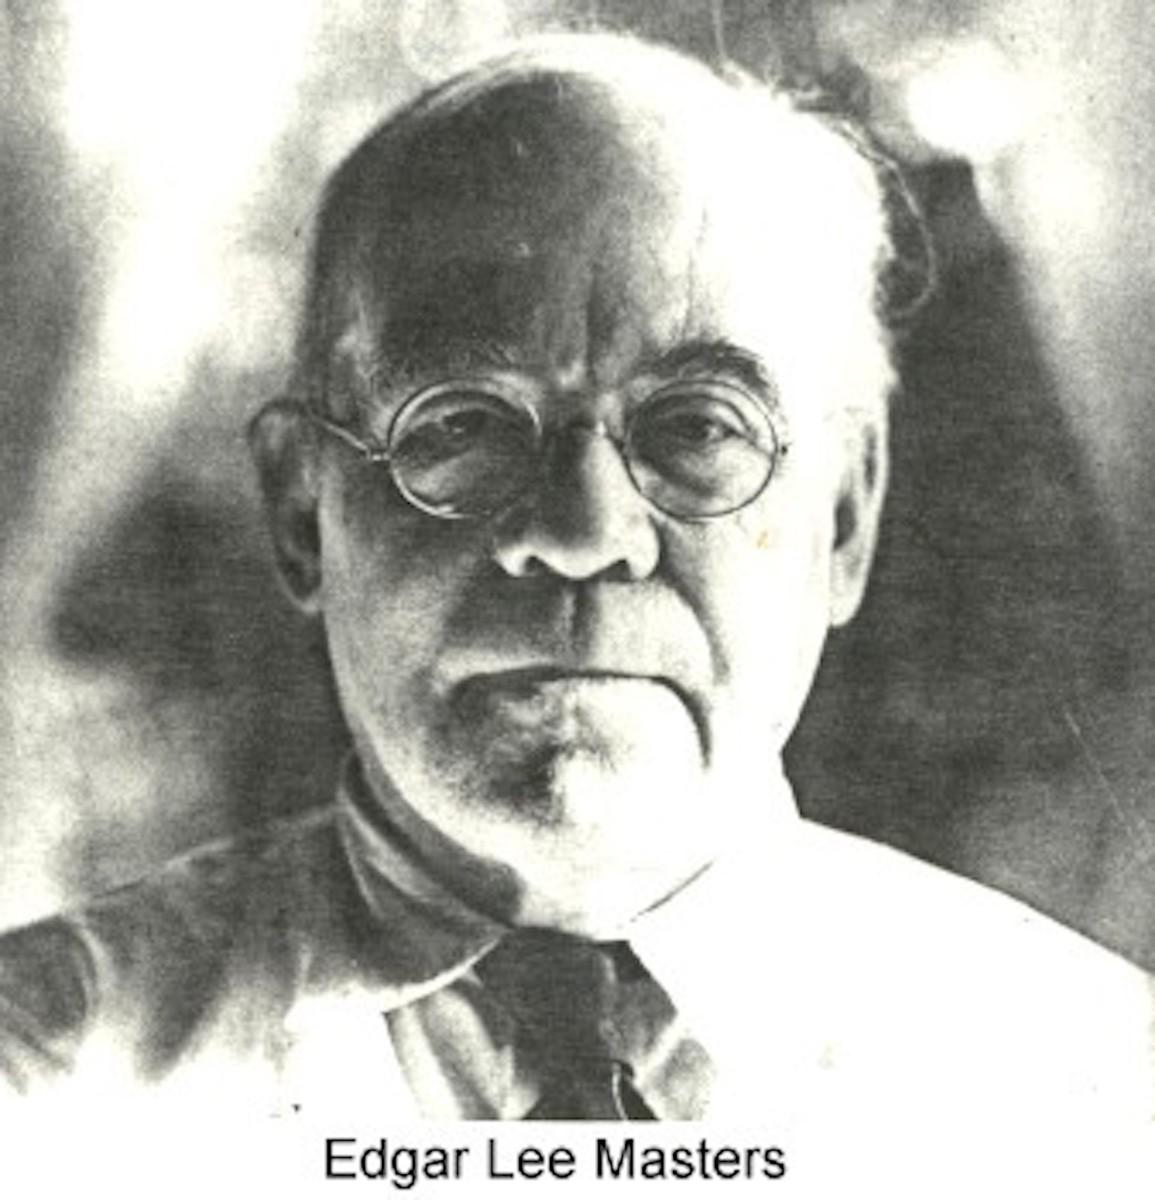 edgar-lee-masters-jacob-goodpasture